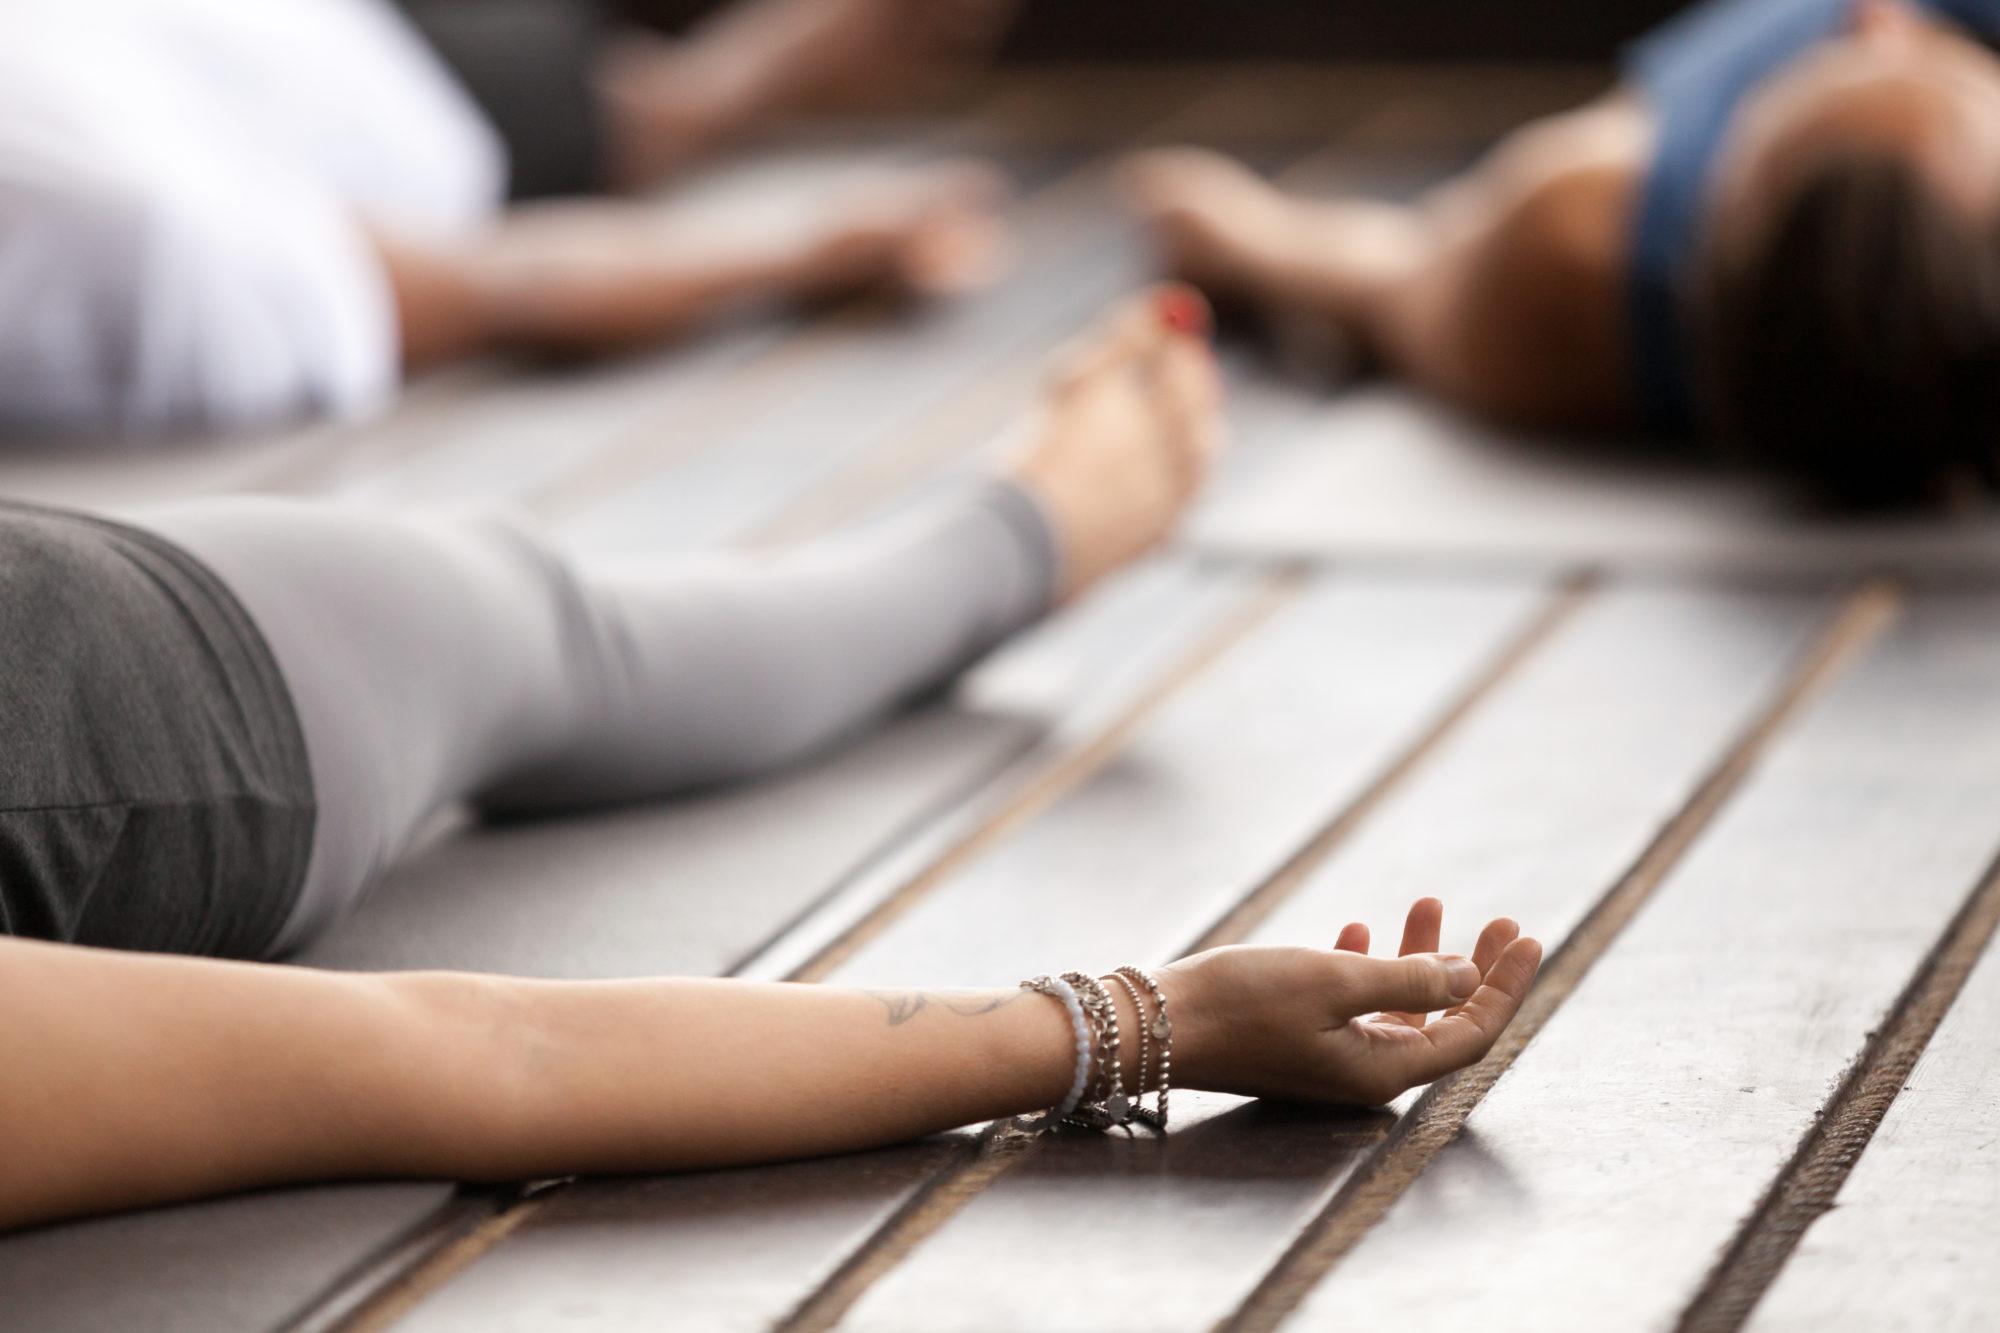 anahata medicina respiration consciente groupe